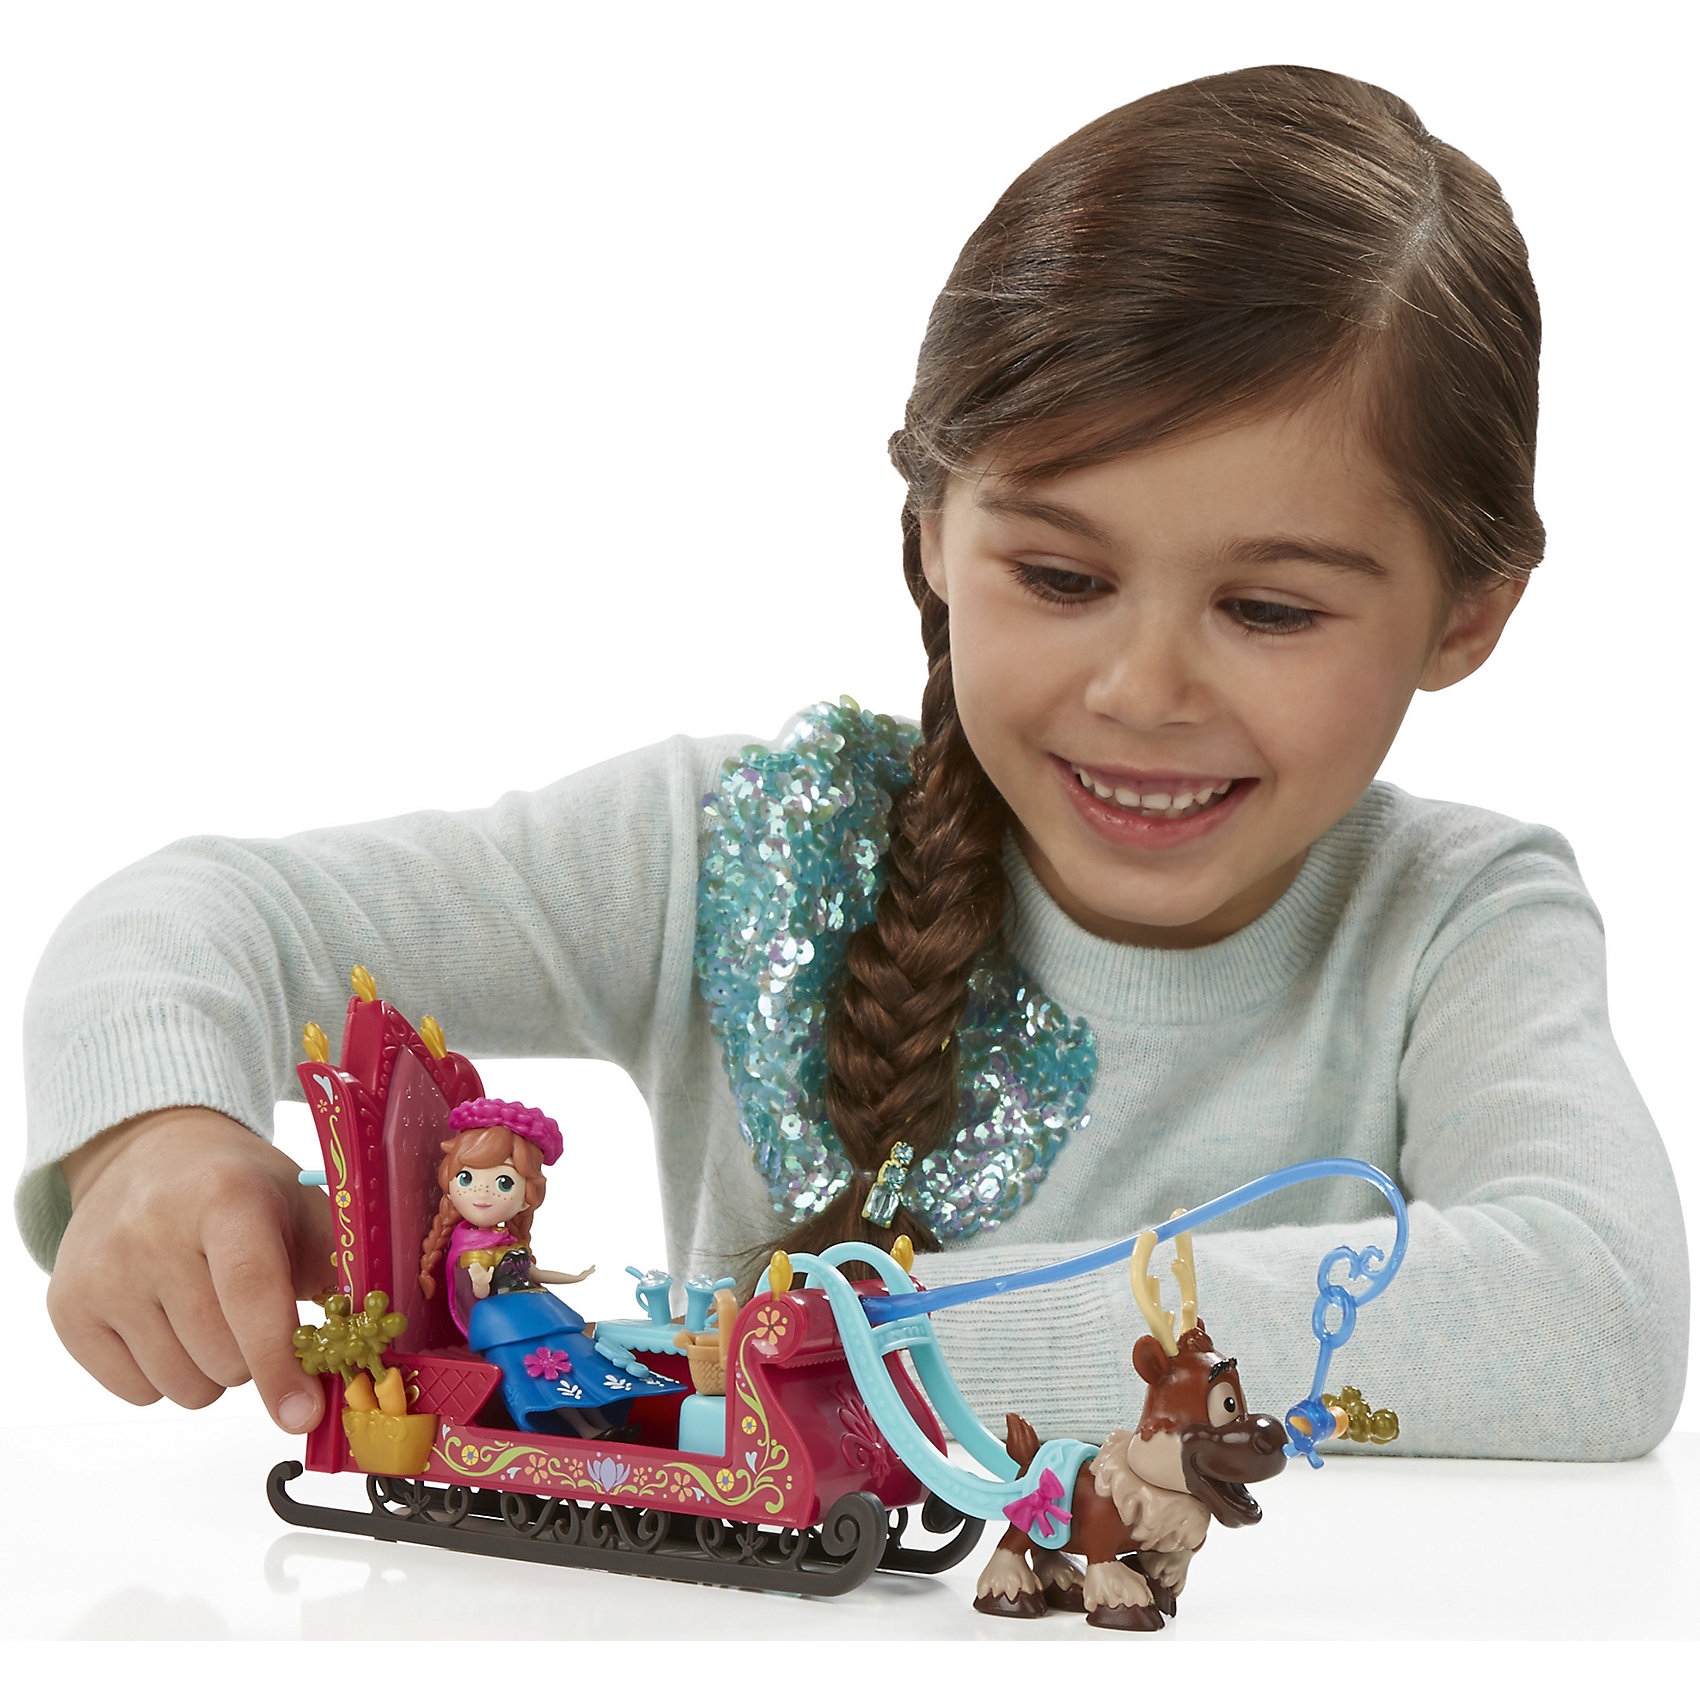 Игровой набор Маленькие куклы Анна, Свен и сани,  Холодное сердце, B5194/B5196Игрушки<br>Игровой набор Маленькие куклы, Холодное сердце, B5194/B5196.<br><br>Характеристики:<br><br>- В наборе: фигурка Анны в наряде для путешествий; фигурка Свена, впряженного в сани; корзинка для пикника полная вкусностей; миска попкорна; чайник; кружки; морковки; аппарата для приготовления воздушной кукурузы<br>- Материал: высококачественная пластмасса<br>- Высота Анны: 7,5 см.<br>- Высота Свена: 6,5 см.<br>- Размер упаковки: 31х6х23 см.<br><br>Набор от торговой марки Hasbro (Хасбро) станет отличным подарком девочке в возрасте от 4 лет. В комплект входят сани и фигурки принцессы Анны и оленя по имени Свен. Мини-фигурки в точности повторяют свои телевизионные прототипы. Набор сказочный и волшебный. Принцесса сможет разъезжать в красиво декорированных санях, украшенных узорами. Везет их забавный и милый олень, которого необходимо подкармливать морковкой. Для хранения морковки в санях предусмотрен специальный отсек. Сани отлично обустроены для комфортной поездки, ведь внутри есть скамеечка, куда можно посадить куклу, а также столик и тумбочка, в которой можно хранить небольшой чайничек, стаканчики для напитков и сладости. На всякий случай предусмотрительная Анна прихватила с собой небольшую корзинку, куда она сможет положить различные мелочи. Наряд Анны состоит из юбки, баски, топа, плаща, аксессуаров для волос, а также дополнительных аксессуаров, которые можно прикреплять для украшения наряда. В набор также входит миска попкорна и аппарата для приготовления воздушной кукурузы. Все детали набора выполнены из прочной нетоксичной пластмассы, которая совершенно безопасна для ребенка. Набор непременно порадует вашу маленькую принцессу и подарит ей массу положительных эмоций.<br><br>Игровой набор Маленькие куклы, Холодное сердце, B5194/B5196 можно купить в нашем интернет-магазине.<br><br>Ширина мм: 303<br>Глубина мм: 225<br>Высота мм: 1400<br>Вес г: 356<br>Возраст от месяцев: 48<br>Возраст д